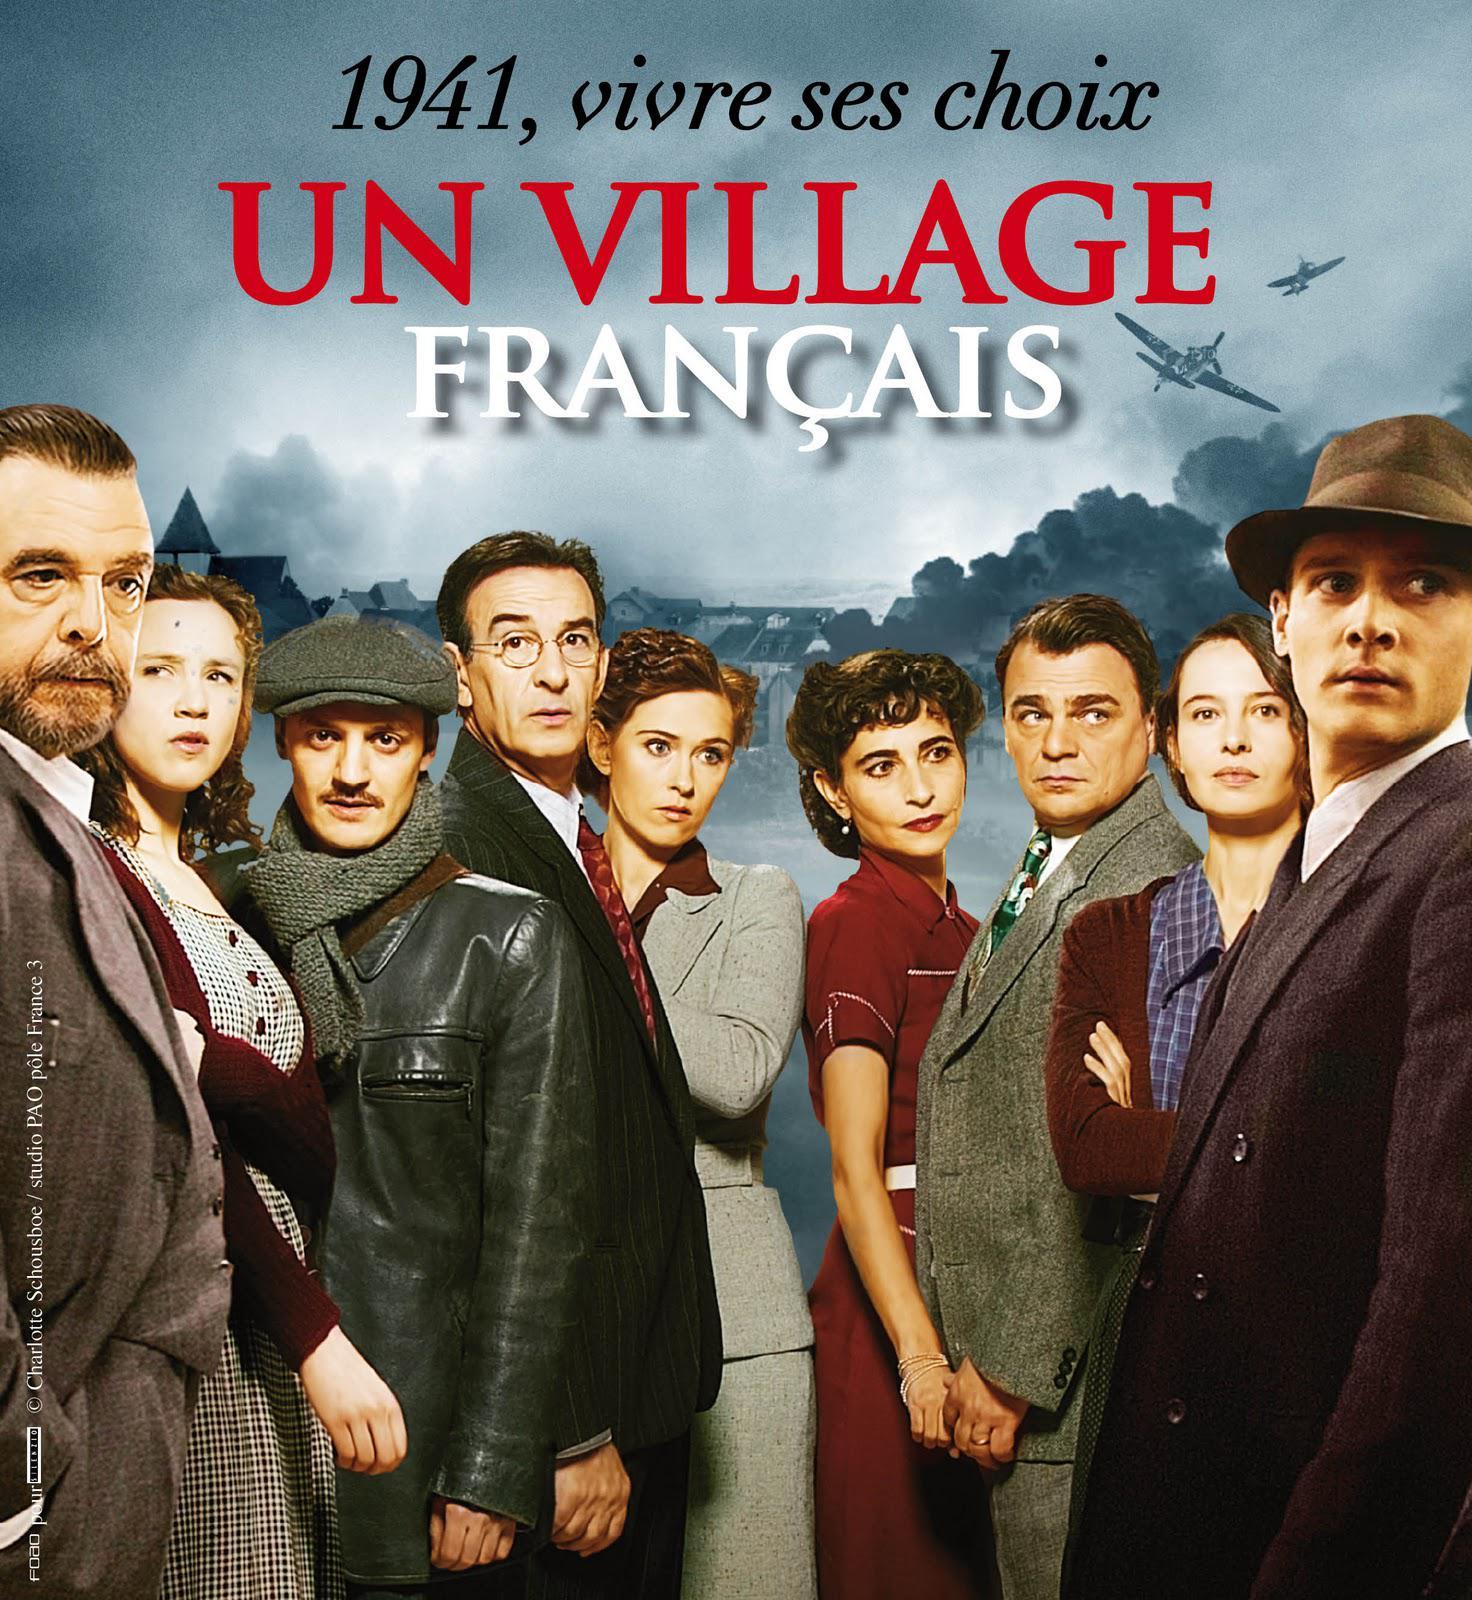 Un village fran ais saison 1 lieu de tournage theuville 95810 val d 39 oise 95 - Acteur un village francais ...